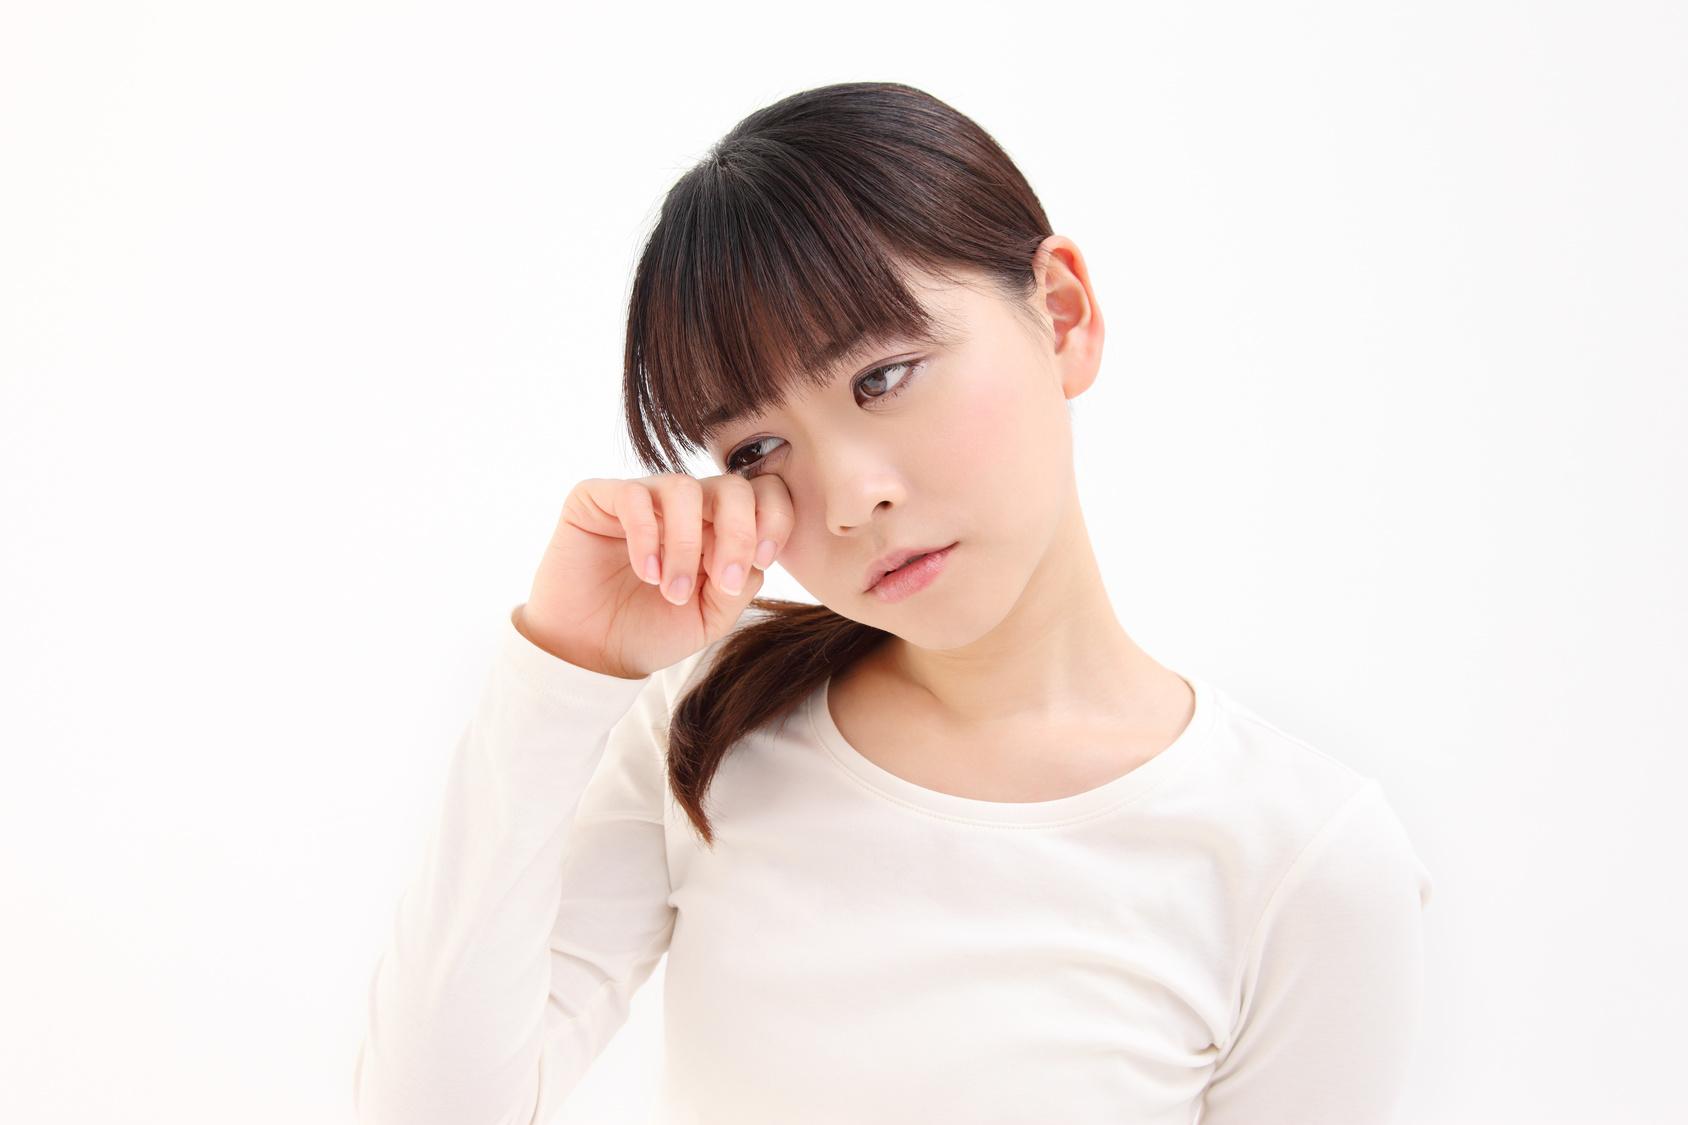 目やにが多いときに考えられる病気は?目薬のさしかたにも注意!